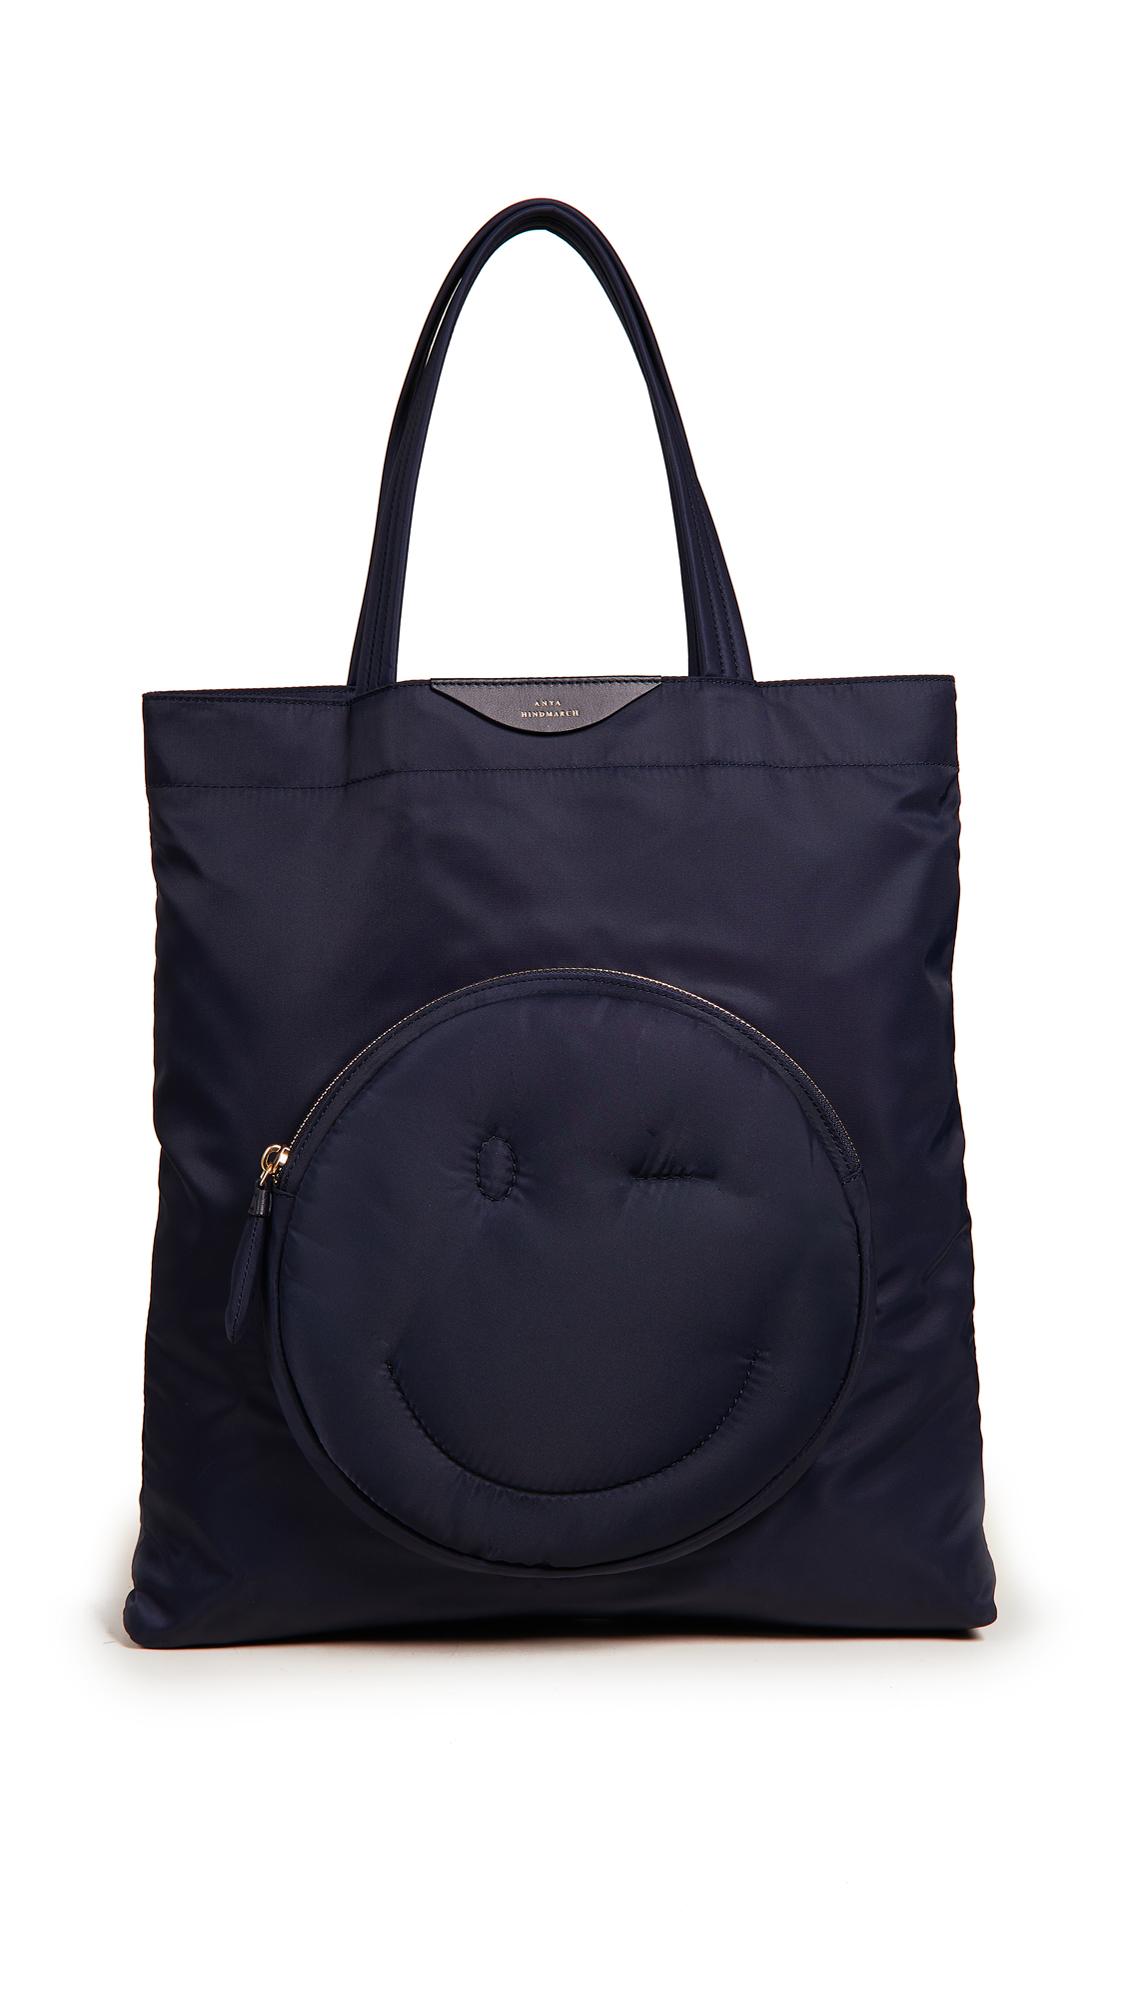 1417cc998712 Anya Hindmarch Bags   Women's Handbags and Totes at Fashionbash USA